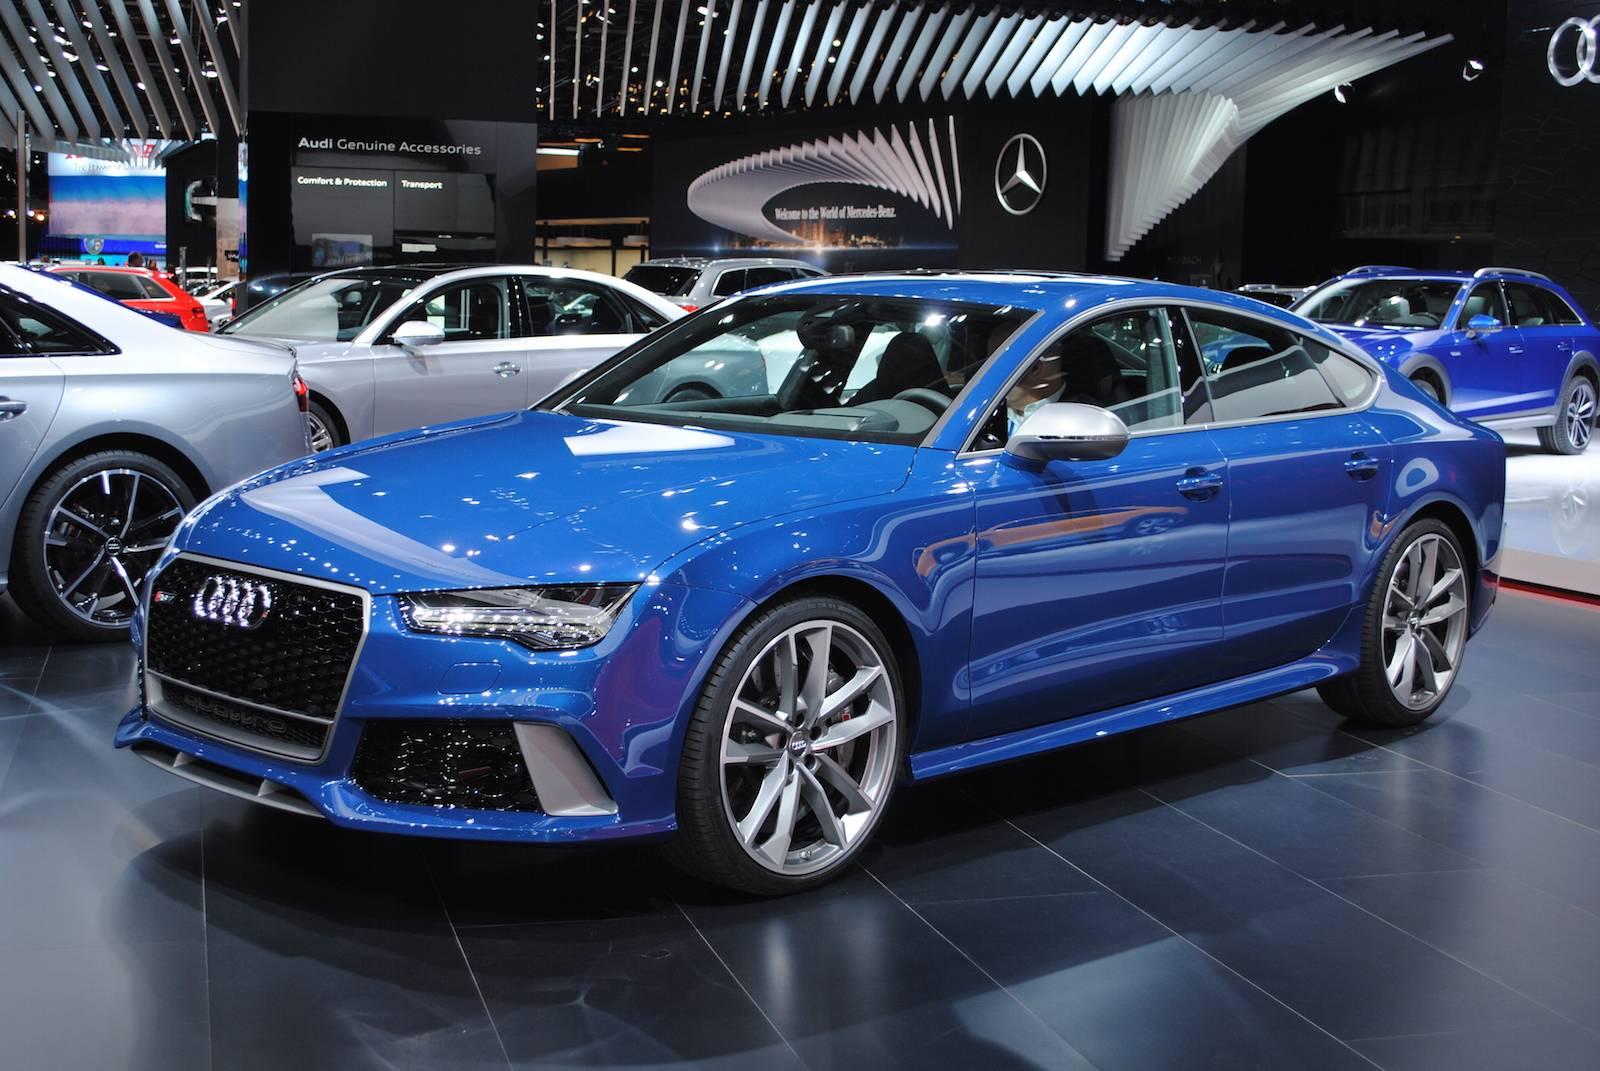 Audi q7 2016 black interior